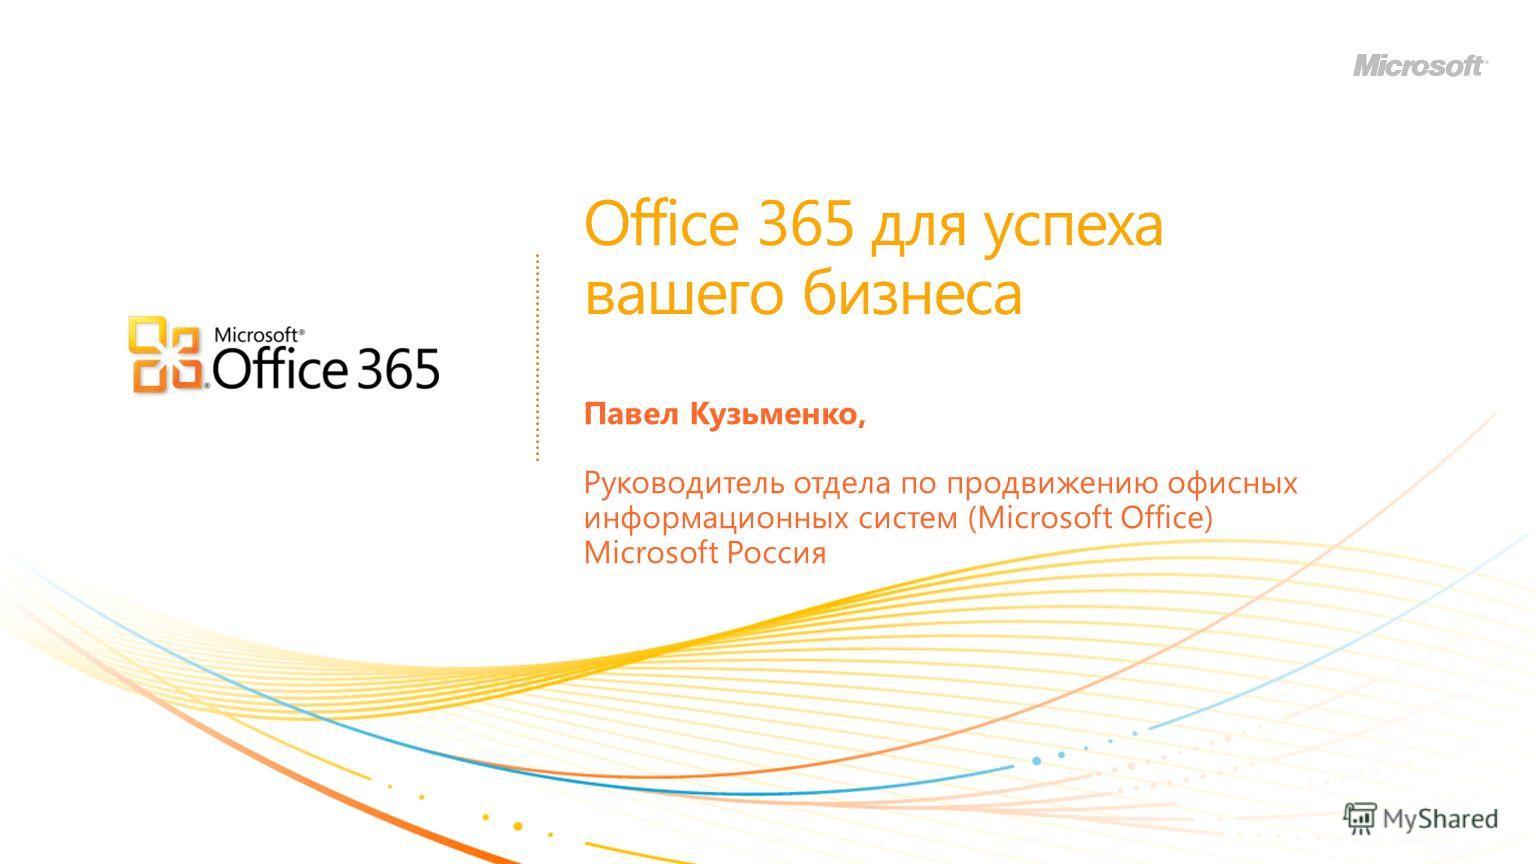 Office 365 для успеха вашего бизнеса Павел Кузьменко, Руководитель отдела по продвижению офисных информационных систем (Microsoft Office) Microsoft Россия